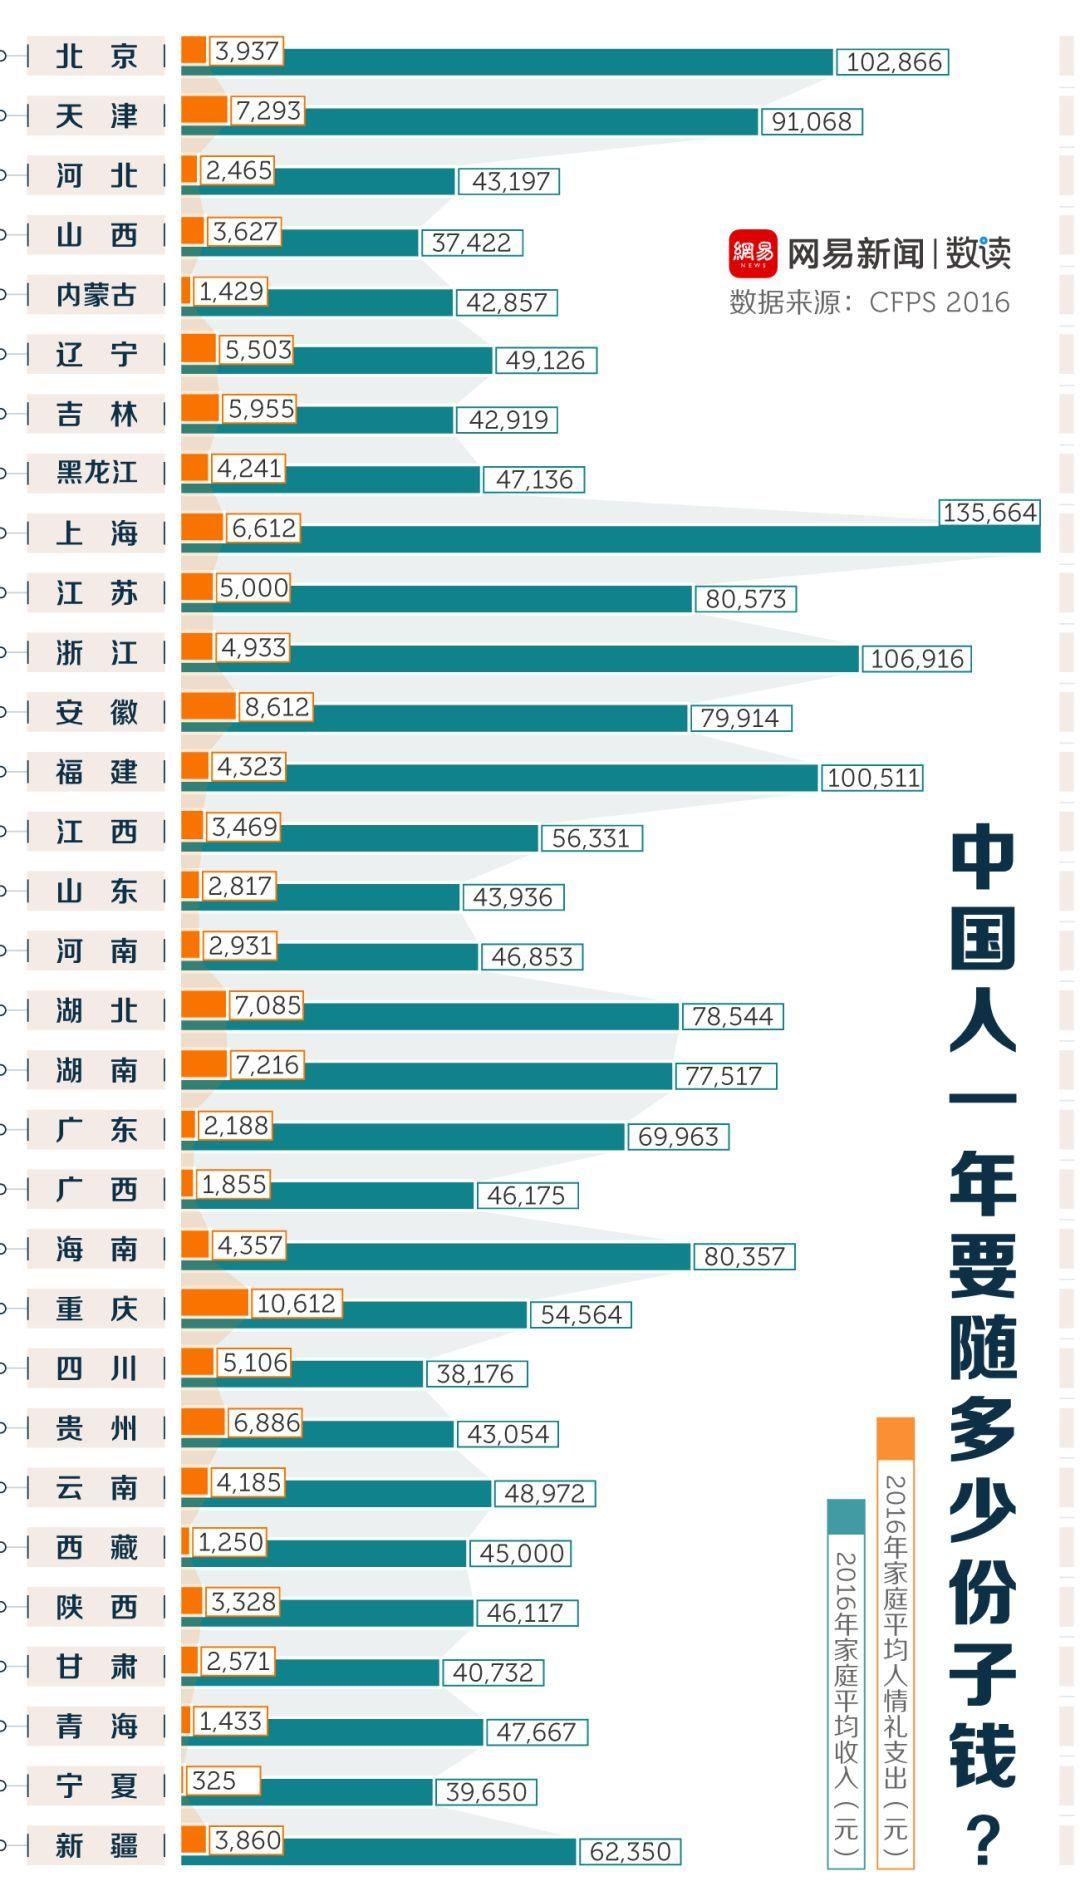 打肿脸充胖子,中国人一年要随多少份子钱?